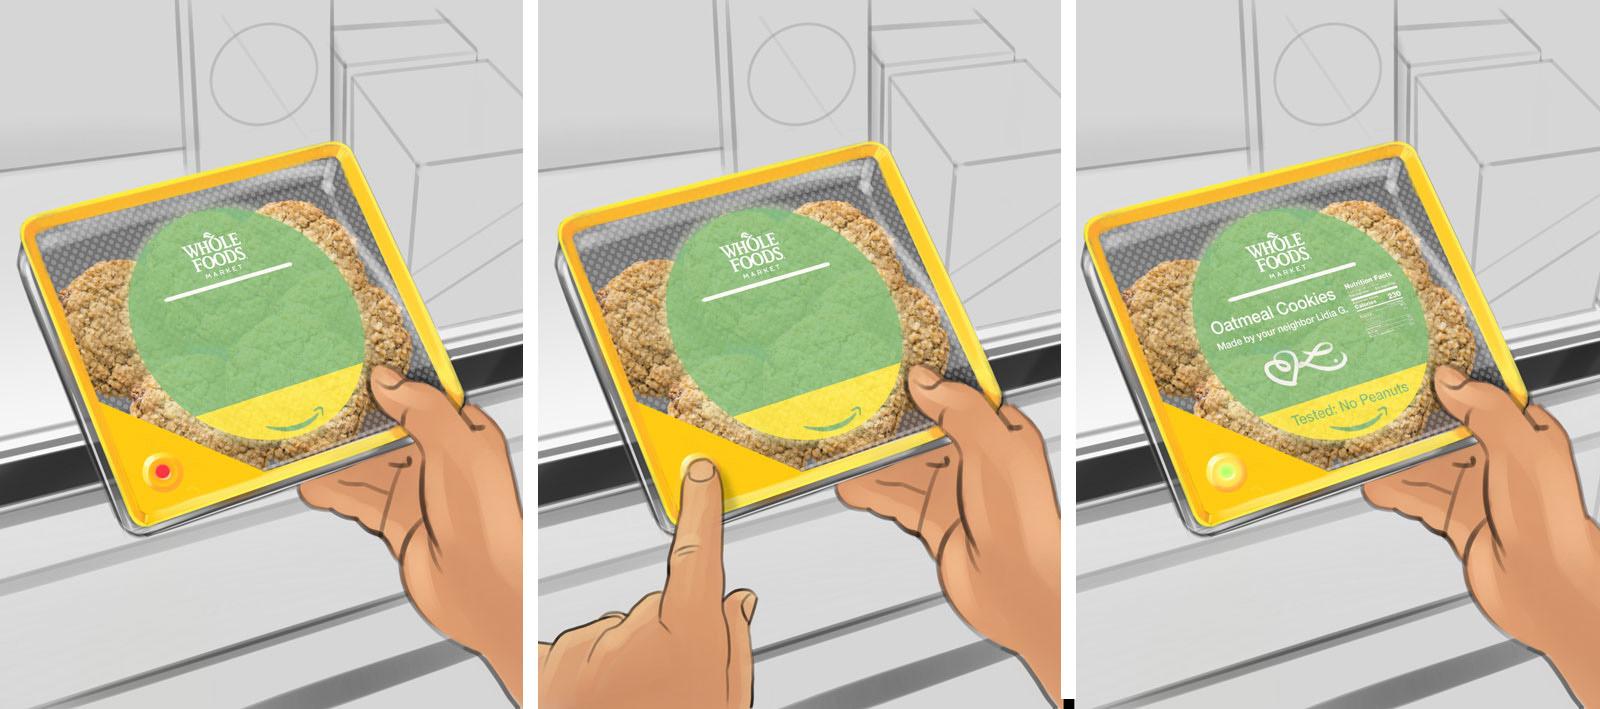 Cookies-Triptic-3.jpg